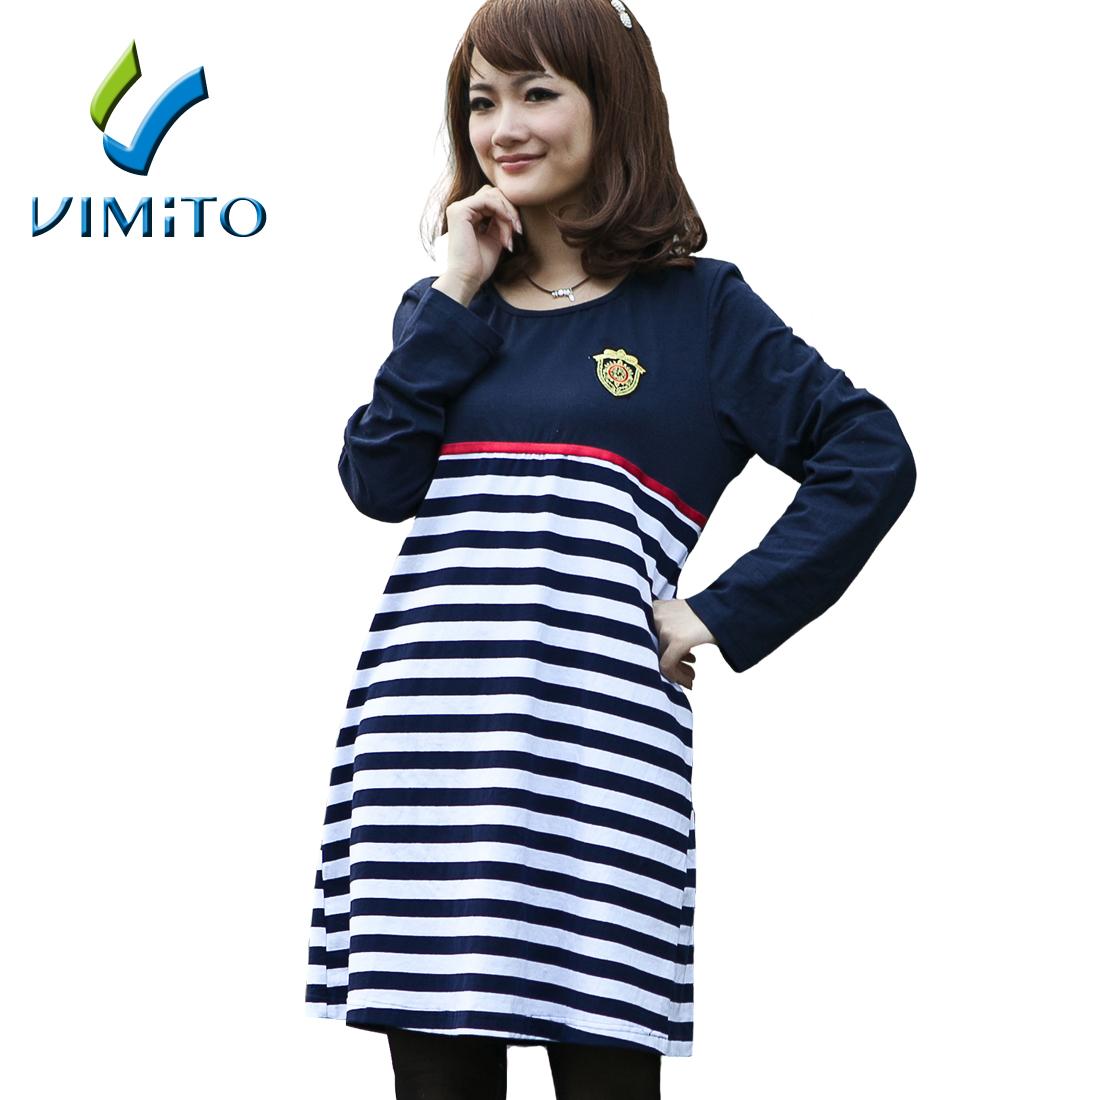 加大码孕妇装秋装新品韩版 纯棉孕妇裙子 韩国孕妇连衣裙C5308